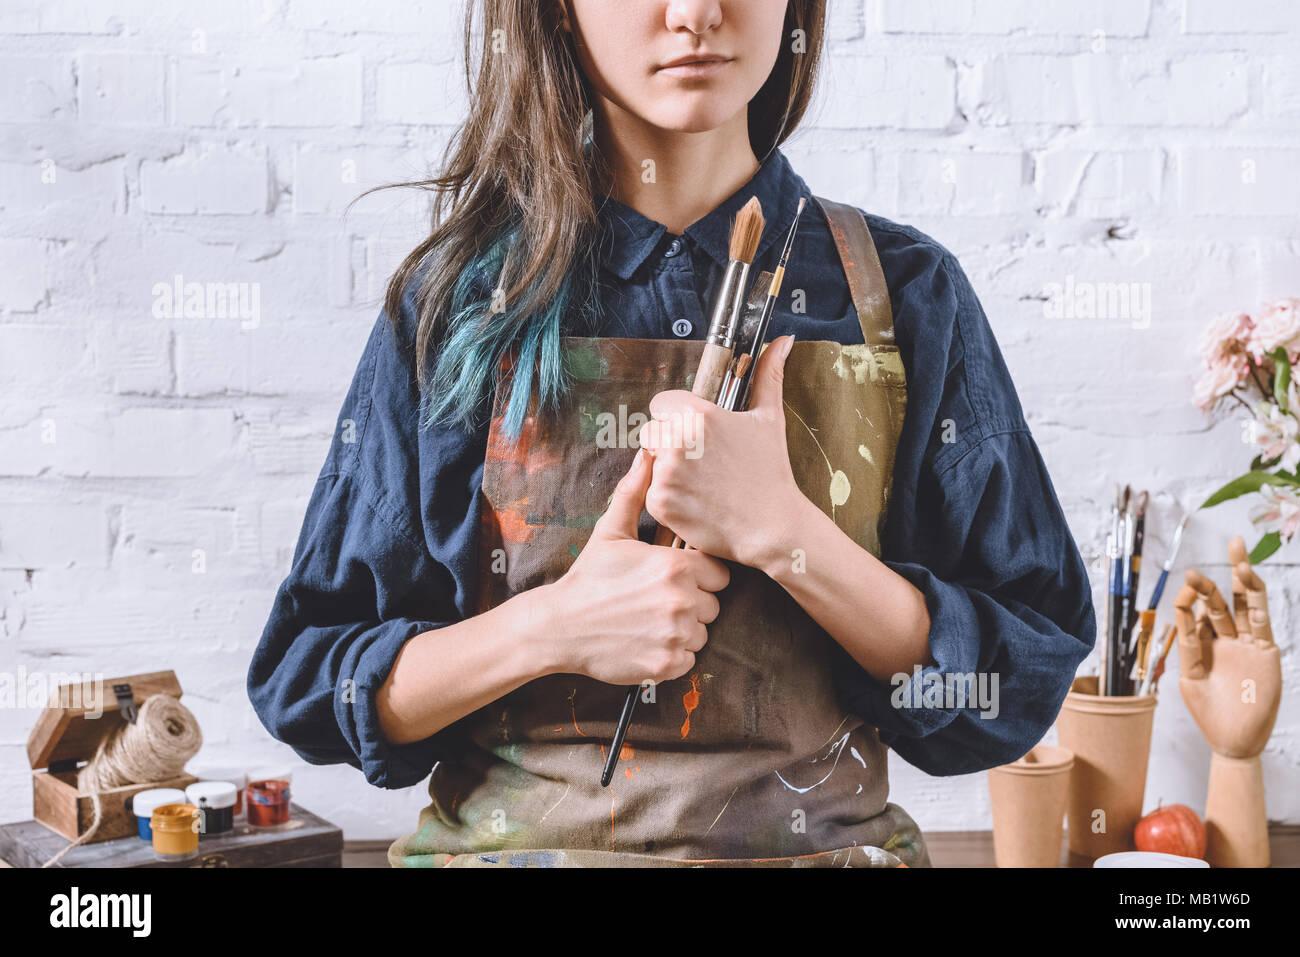 Immagine ritagliata di artista femminile spazzole di contenimento Immagini Stock